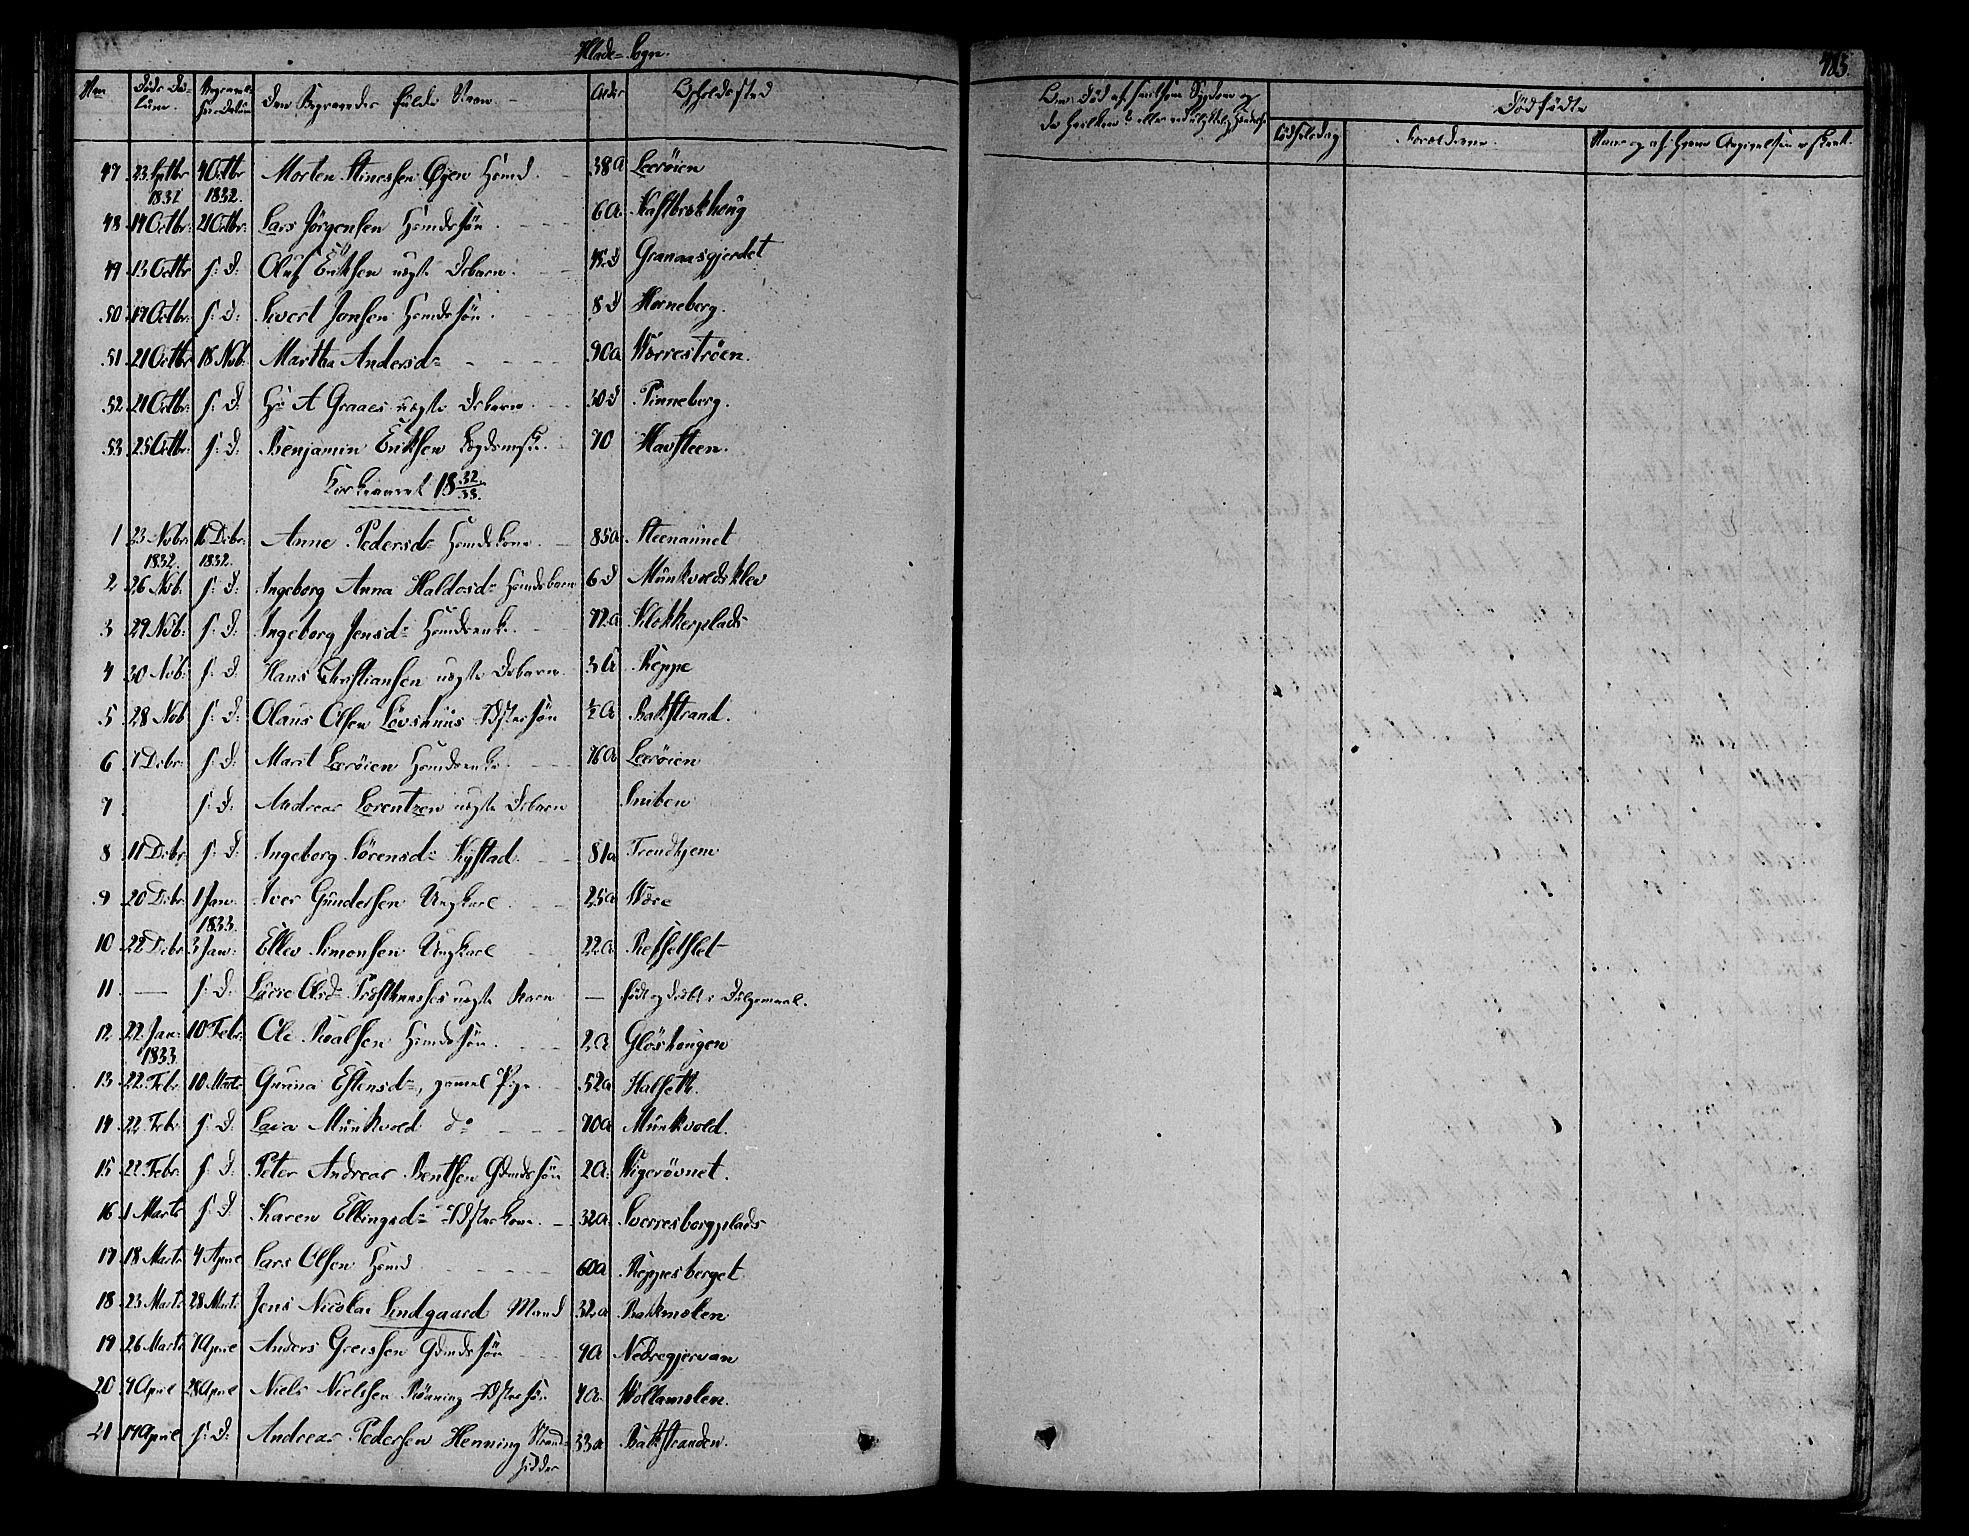 SAT, Ministerialprotokoller, klokkerbøker og fødselsregistre - Sør-Trøndelag, 606/L0286: Ministerialbok nr. 606A04 /1, 1823-1840, s. 483